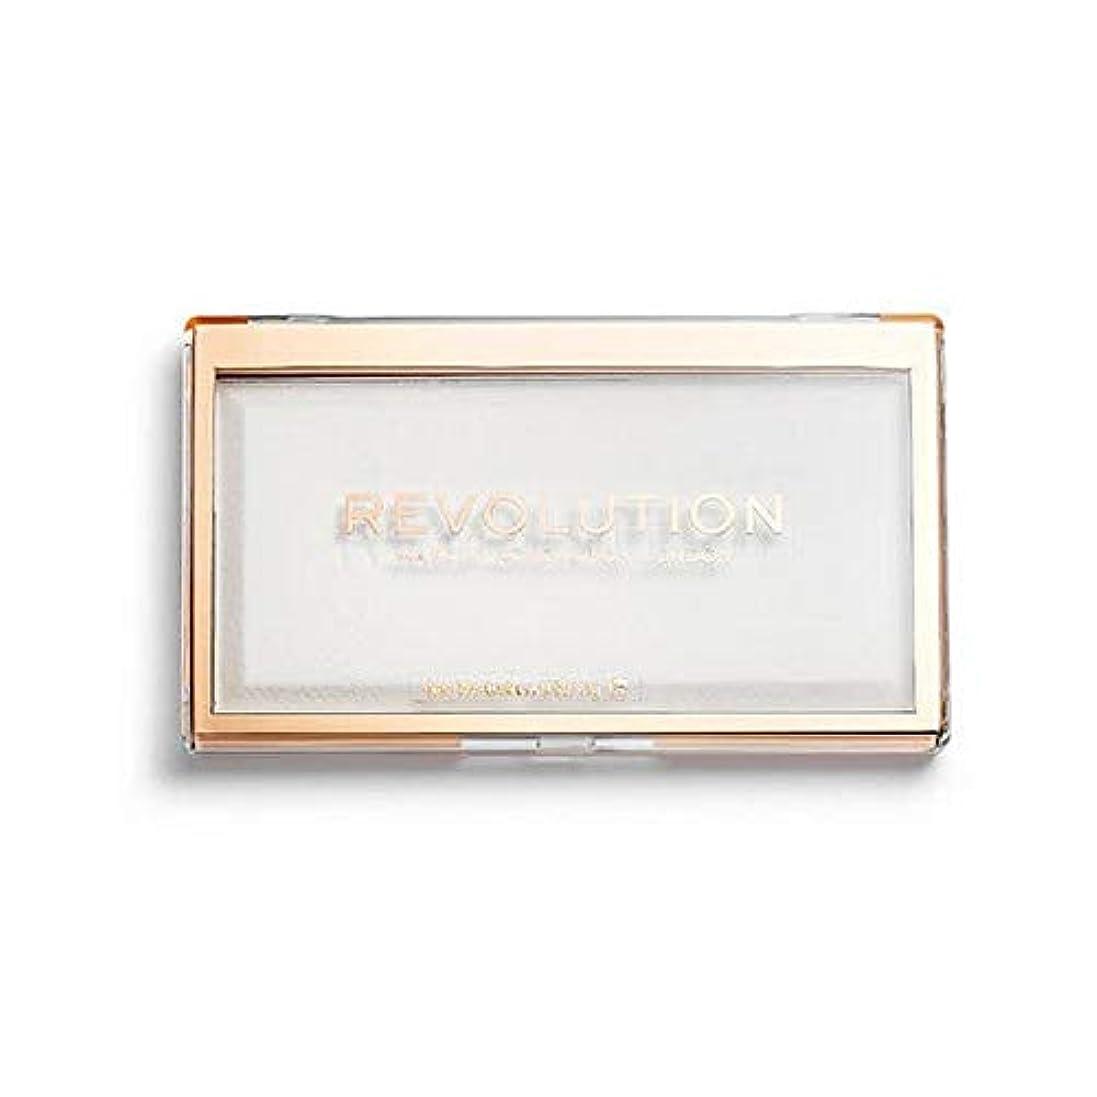 断線明らかにする何よりも[Revolution ] 回転マットベース粉末P0 - Revolution Matte Base Powder P0 [並行輸入品]